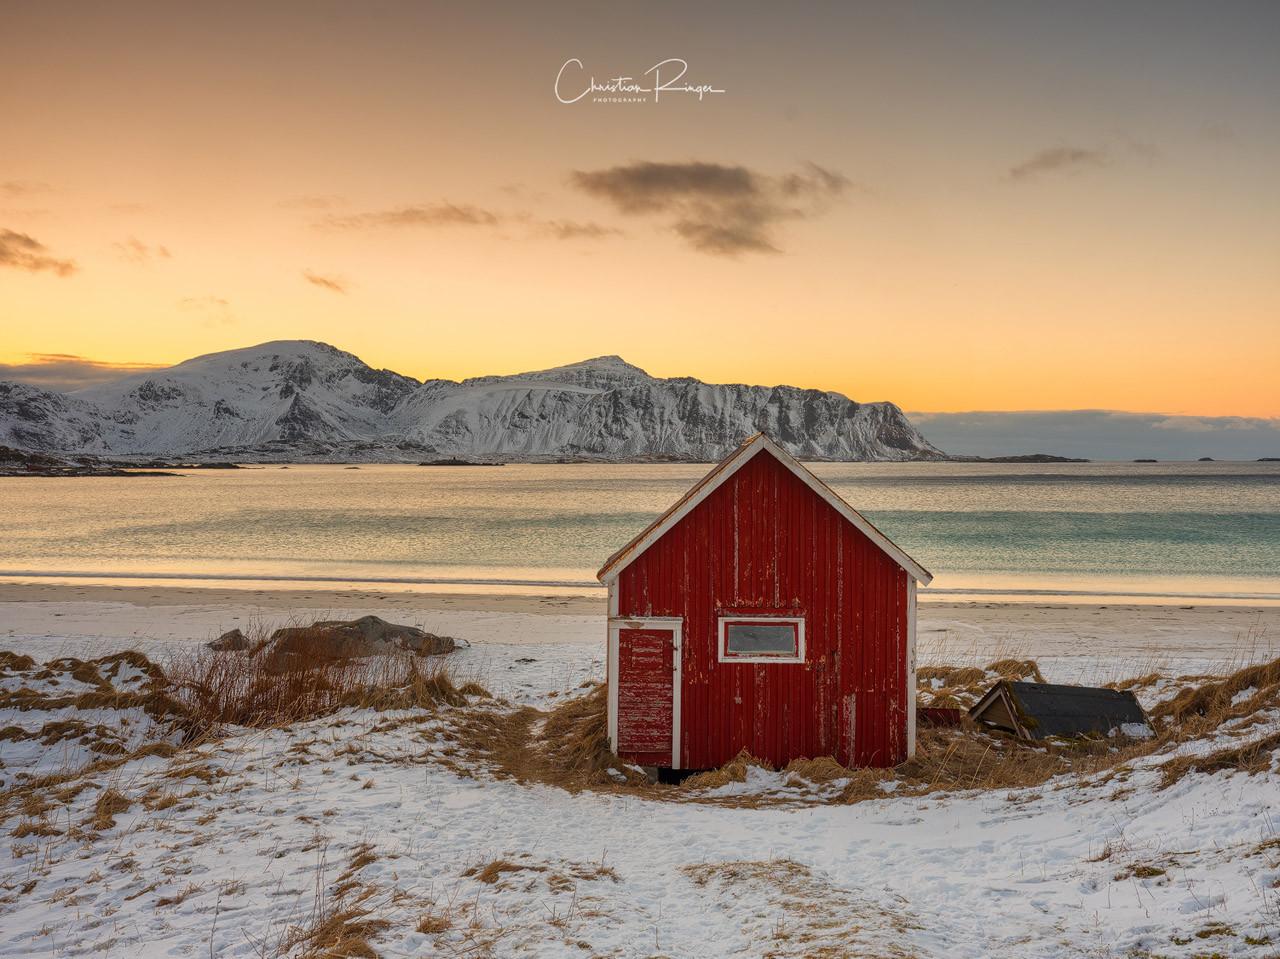 Lofoten-Norwegen-Christian-Ringer.jpg